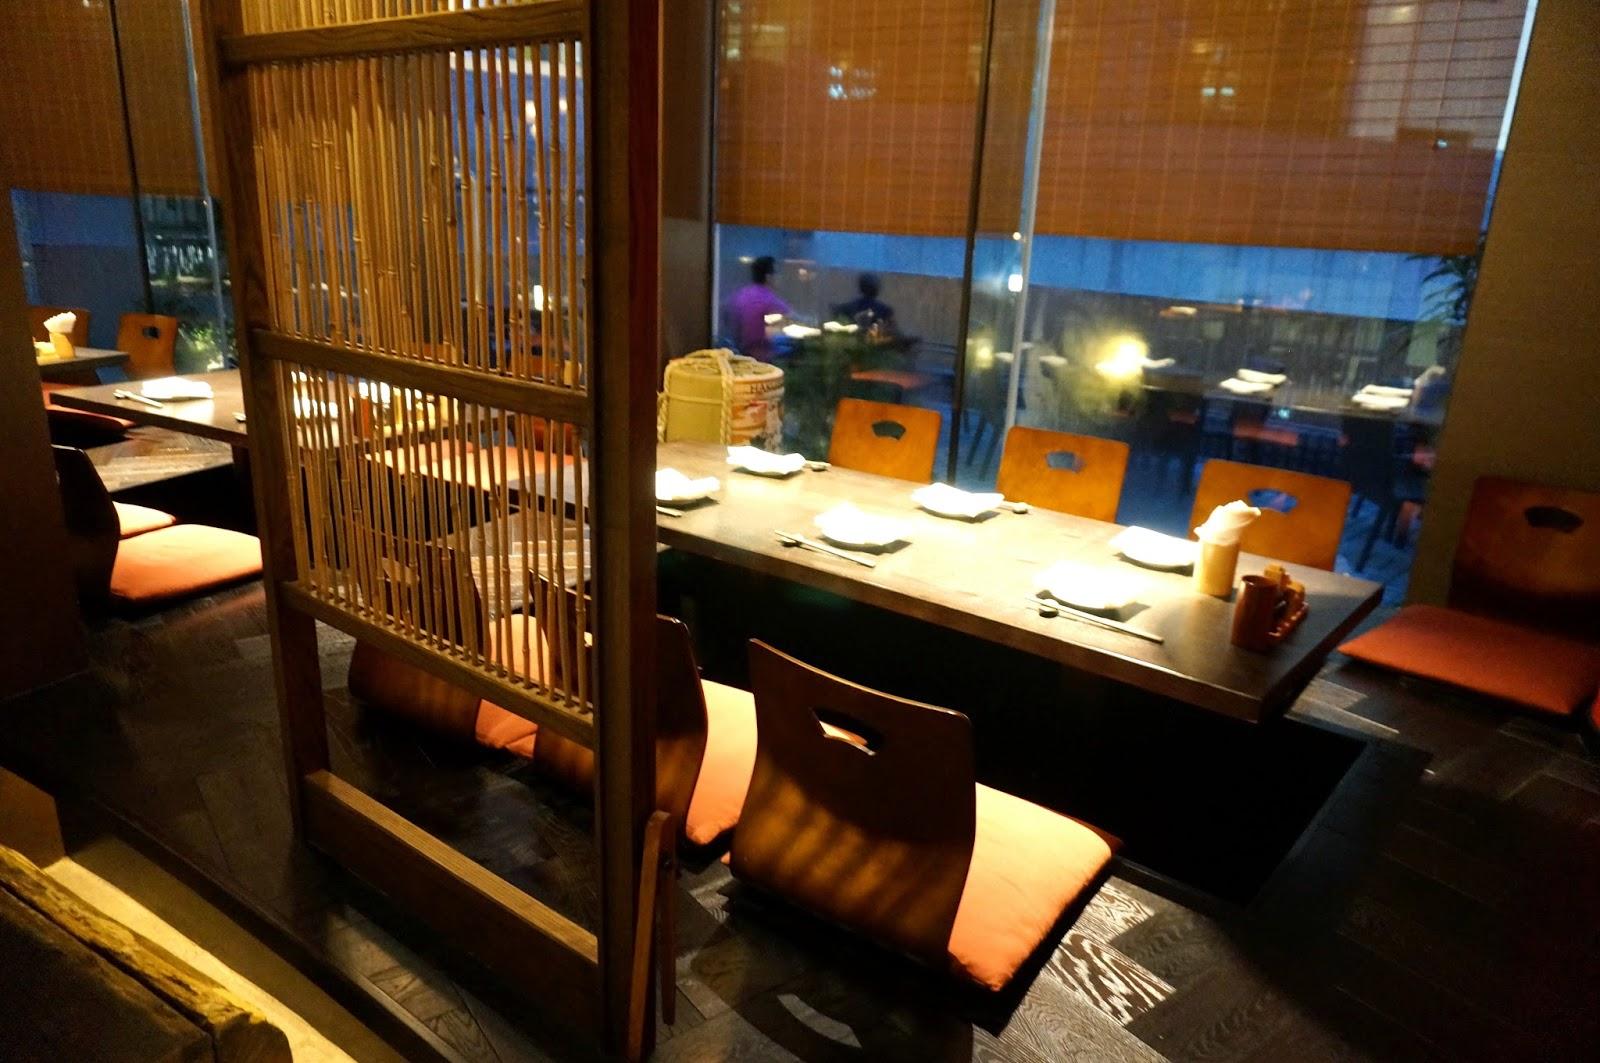 開飯宅女 MarshyFood: 日本菜 - 權八居酒屋